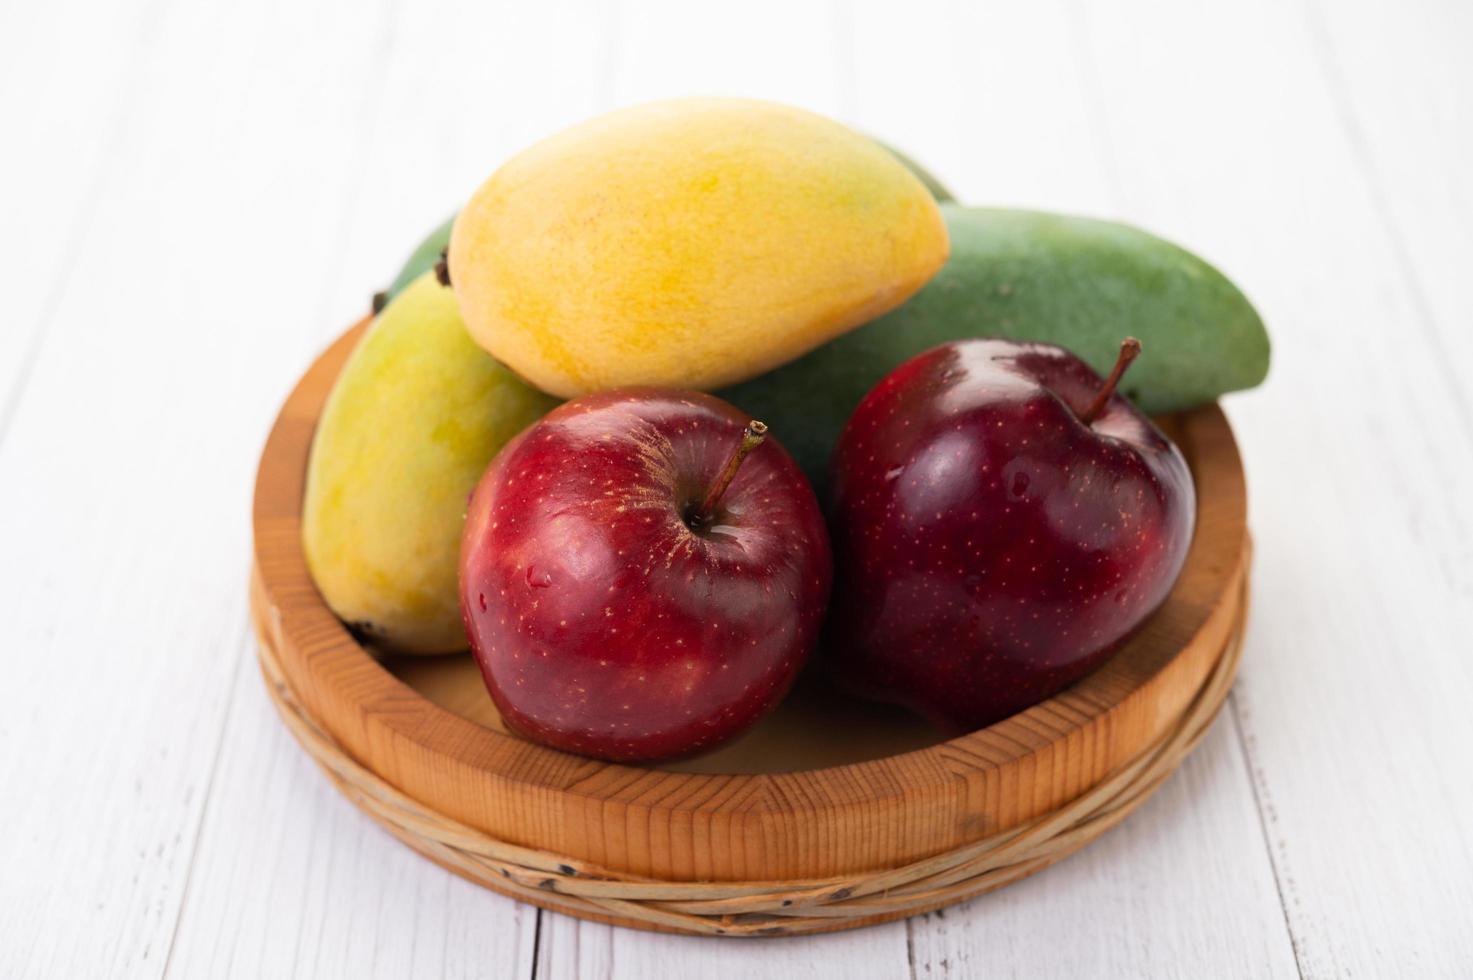 appels en mango's in een houten kom foto